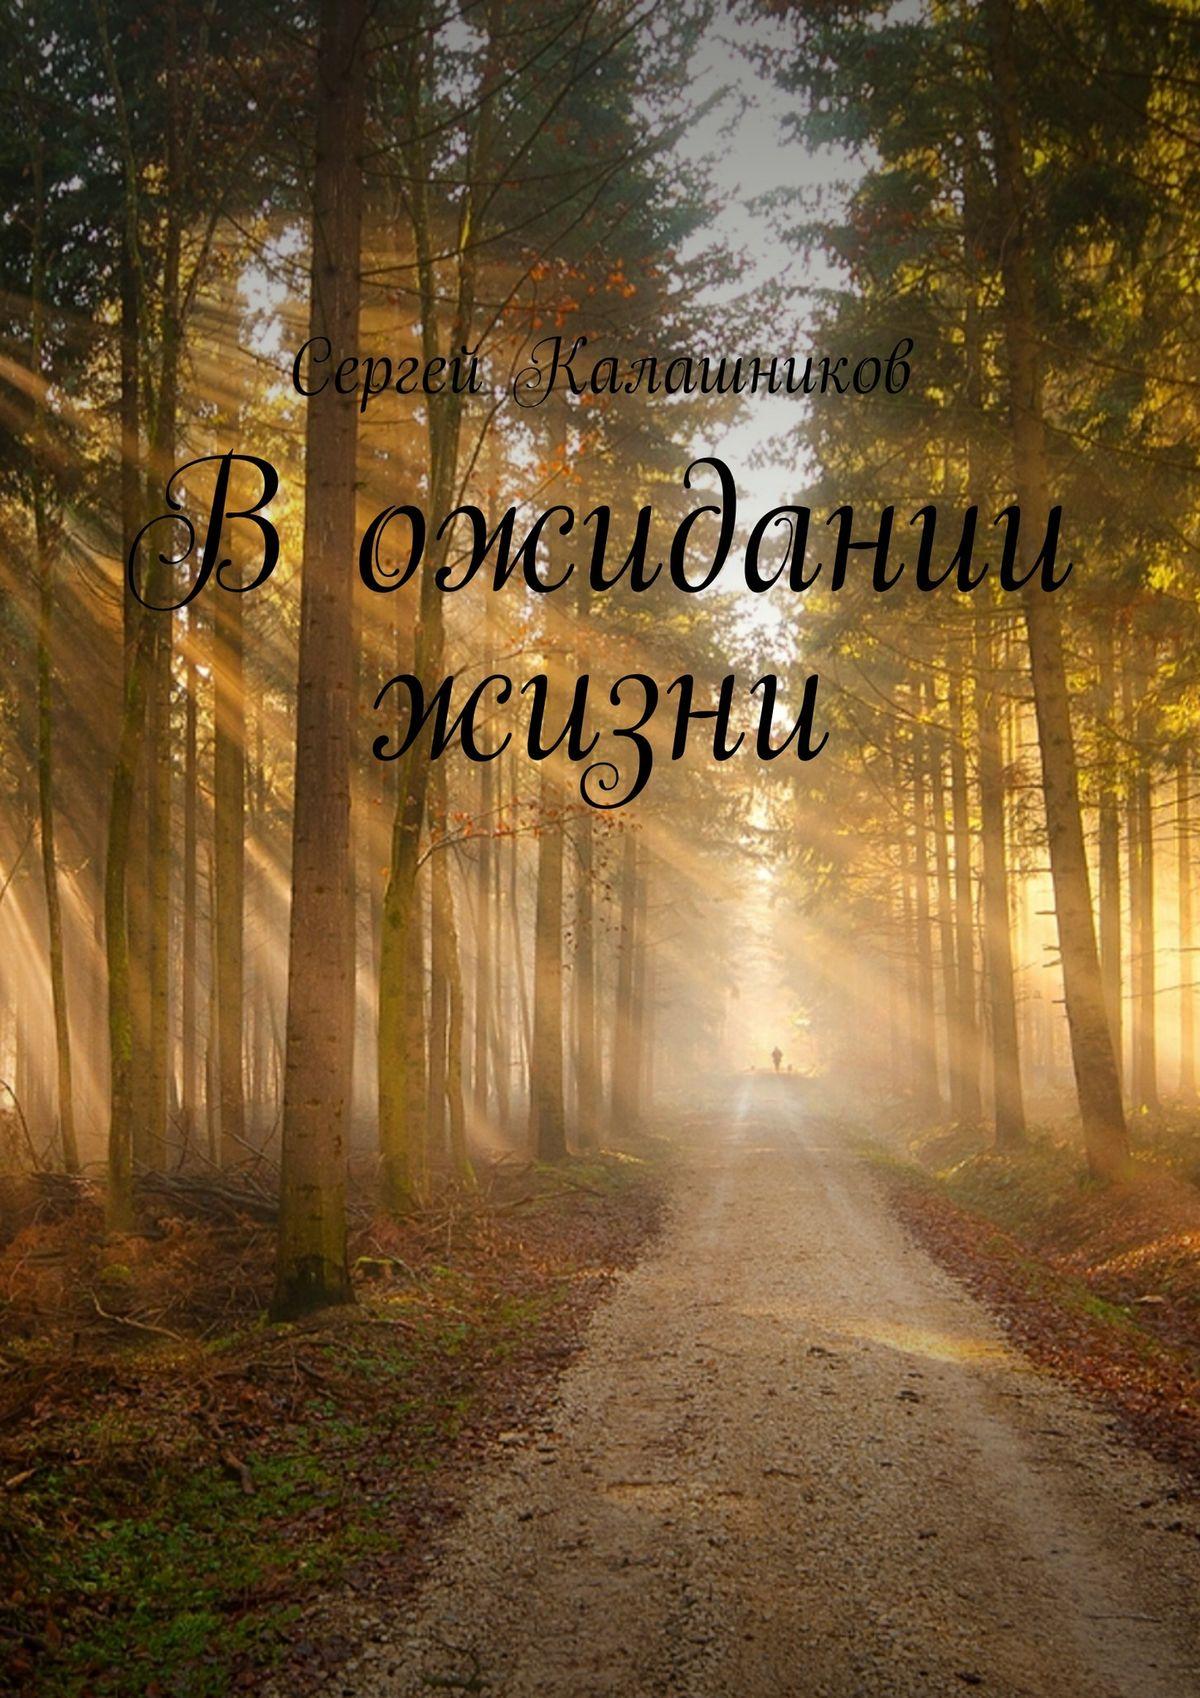 Сергей Калашников Вожидании жизни сергей калашников вожидании жизни